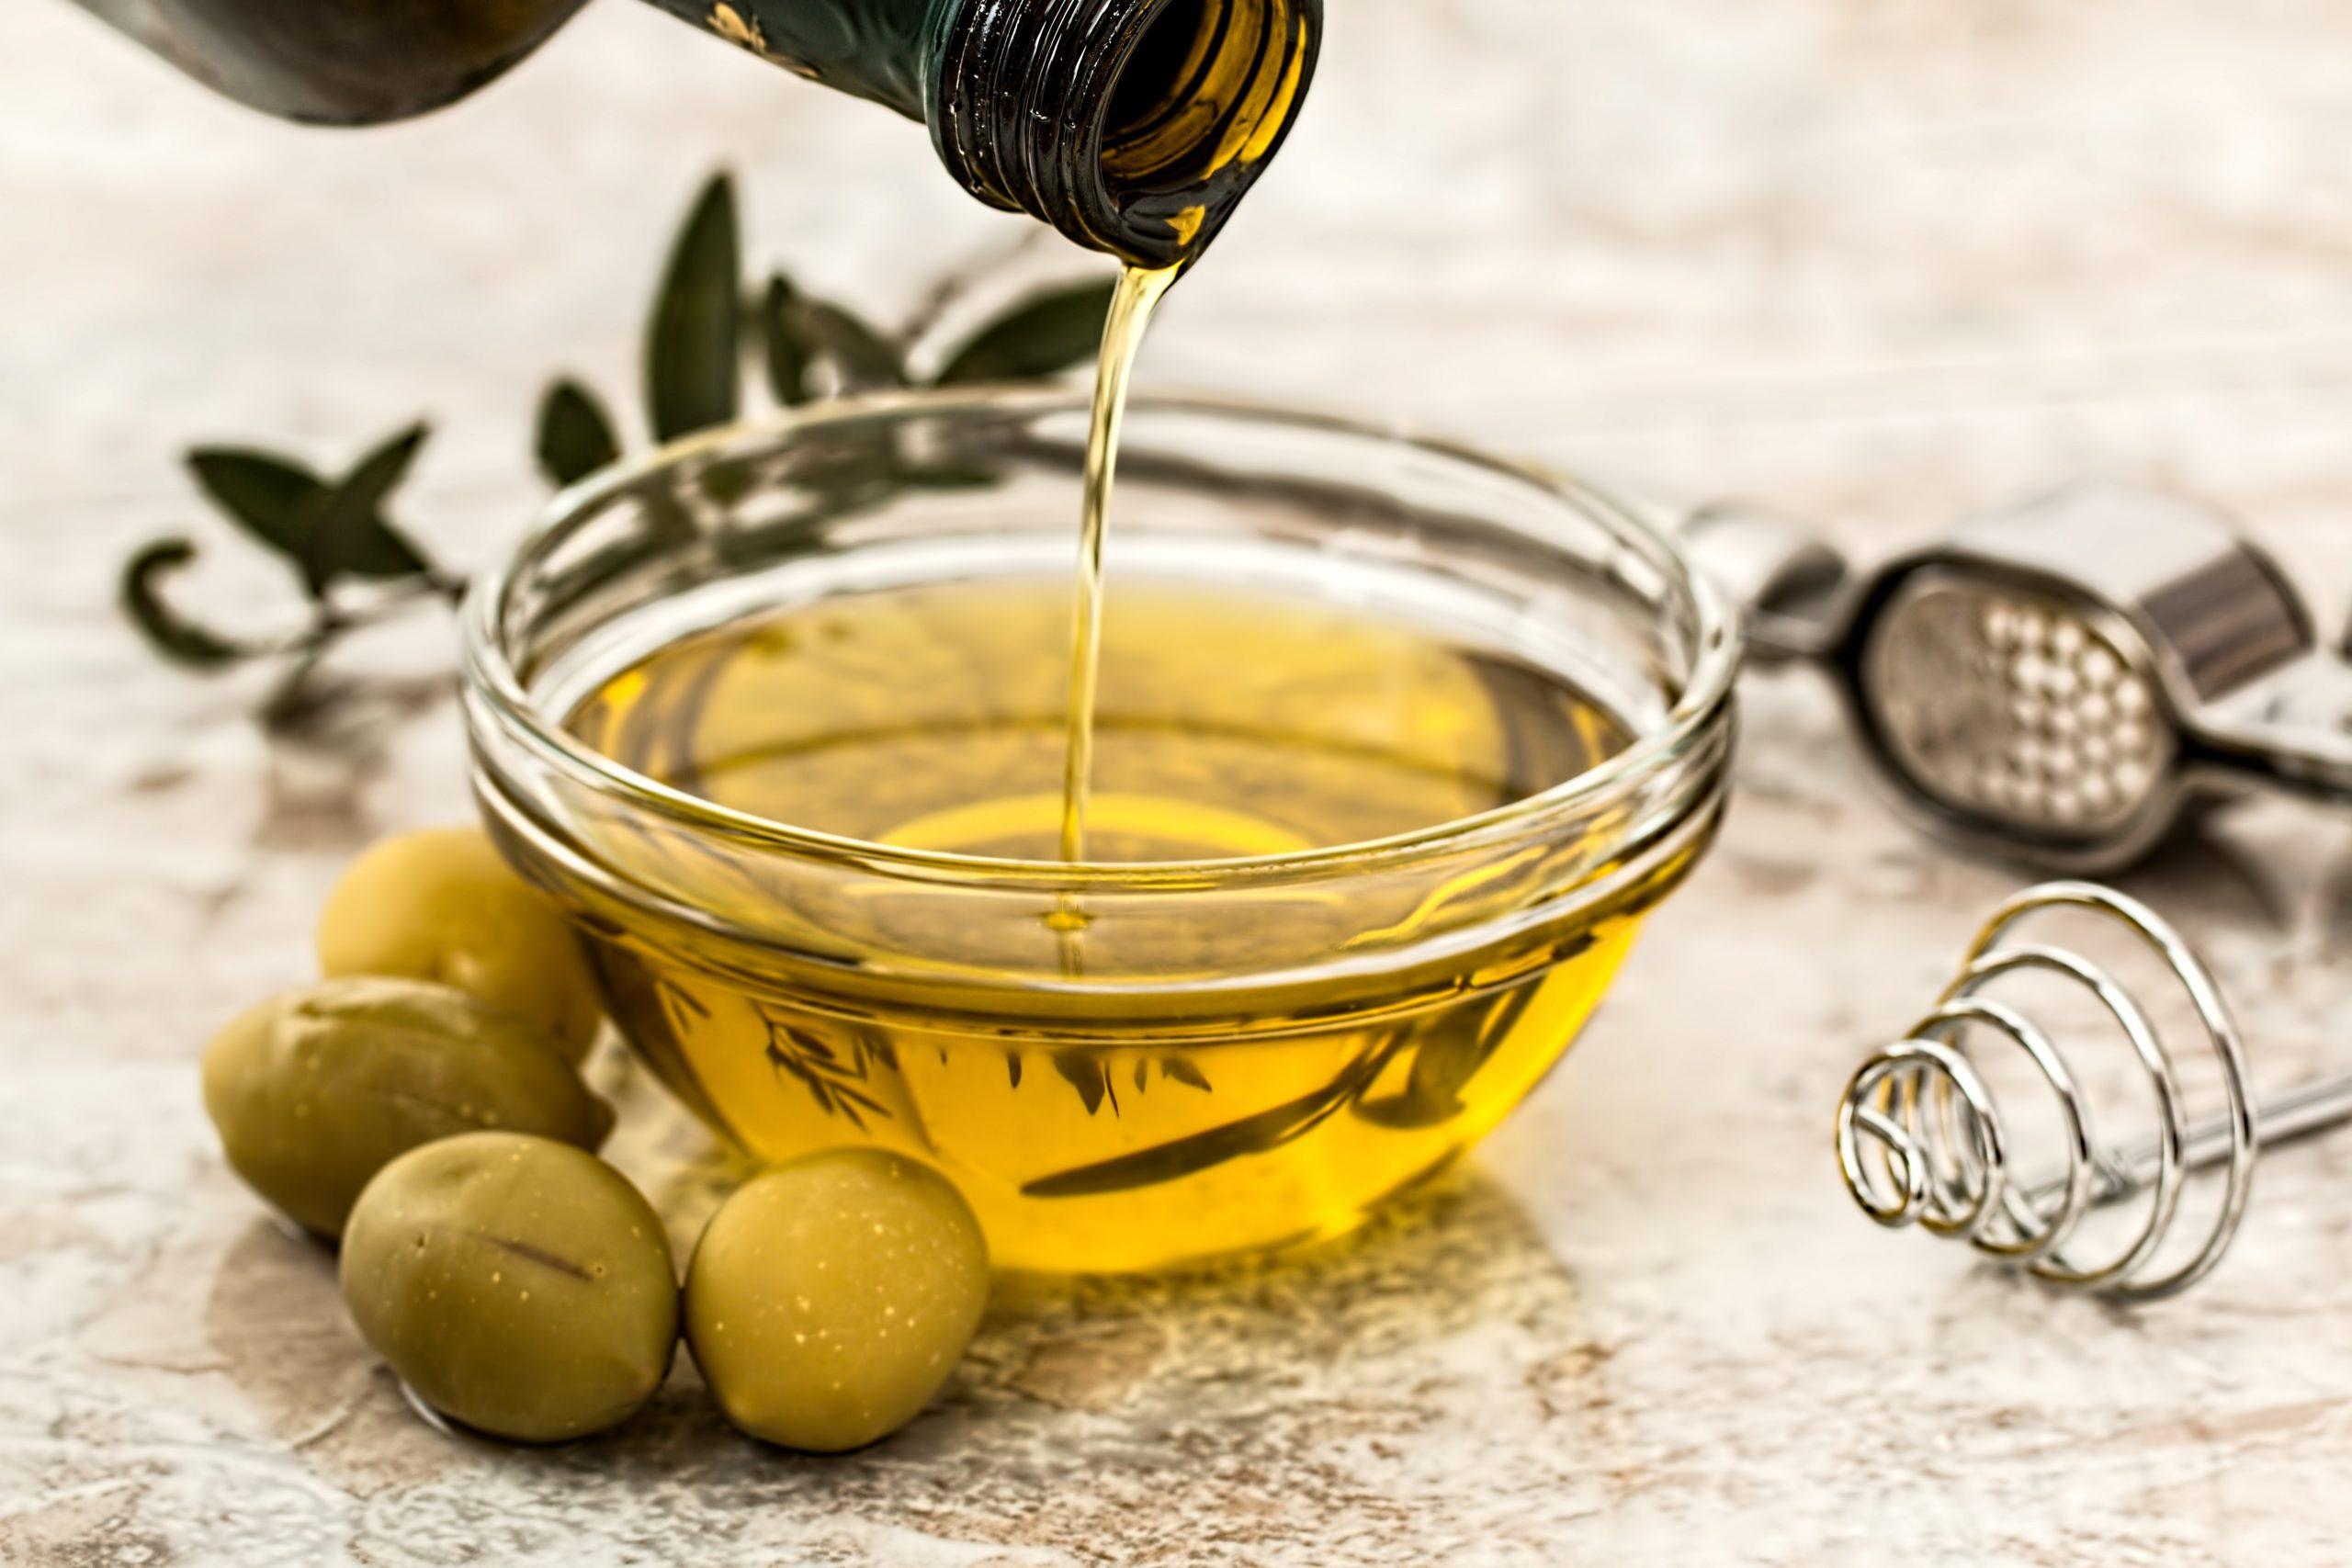 el-aceite-esencial-una-buena-idea-para-calmar-el-hambre